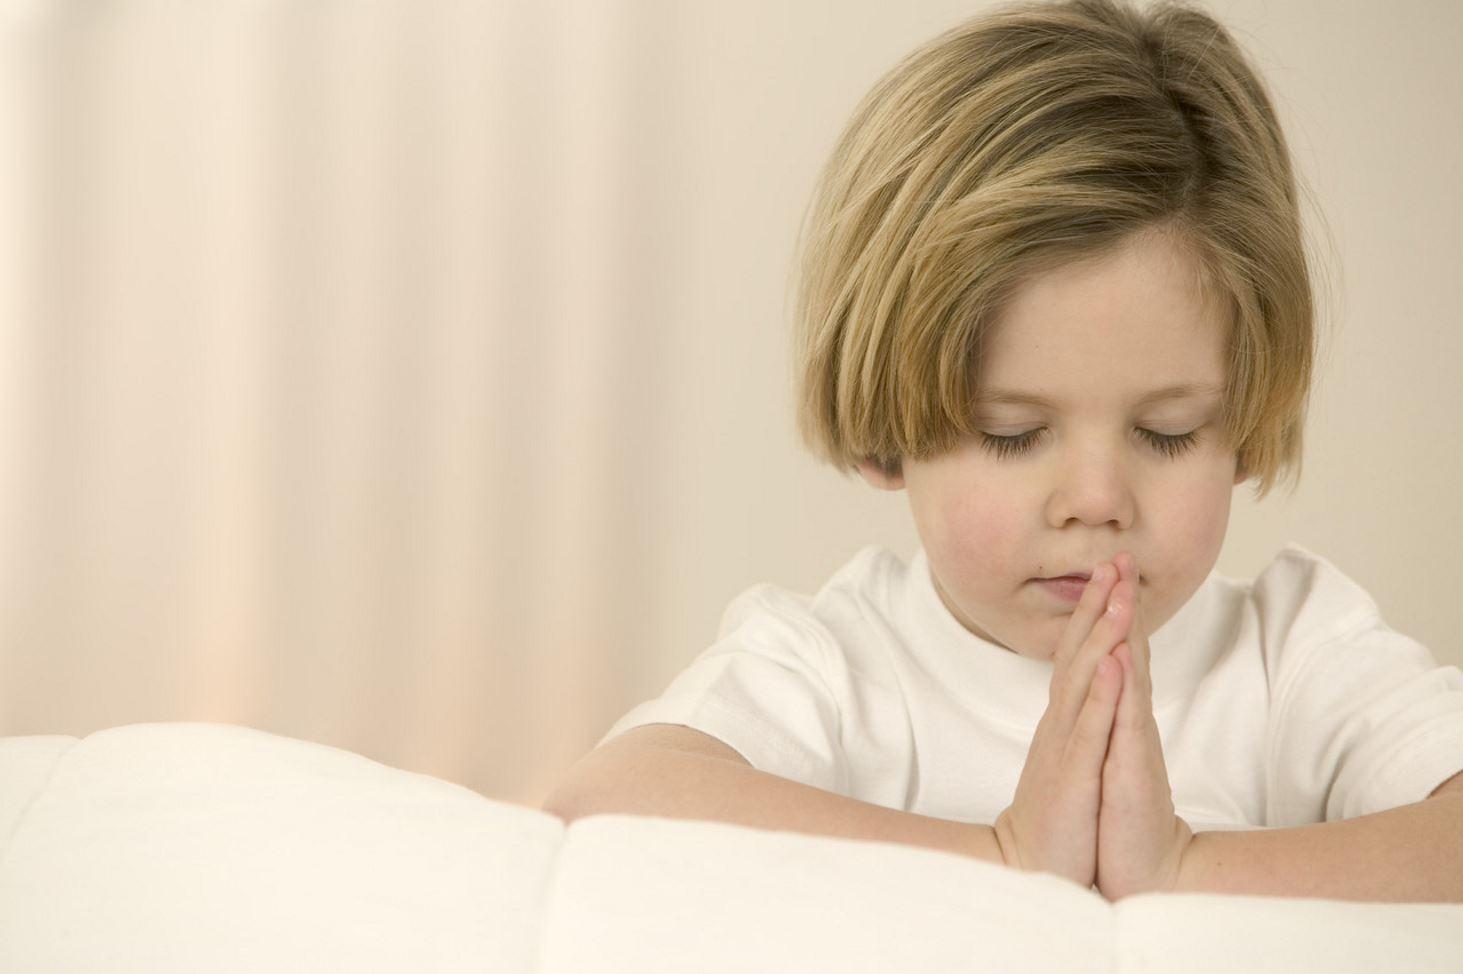 issledovanie-deti-iz-religioznyh-semej-vyrosli-schastlivee-ostalnyh